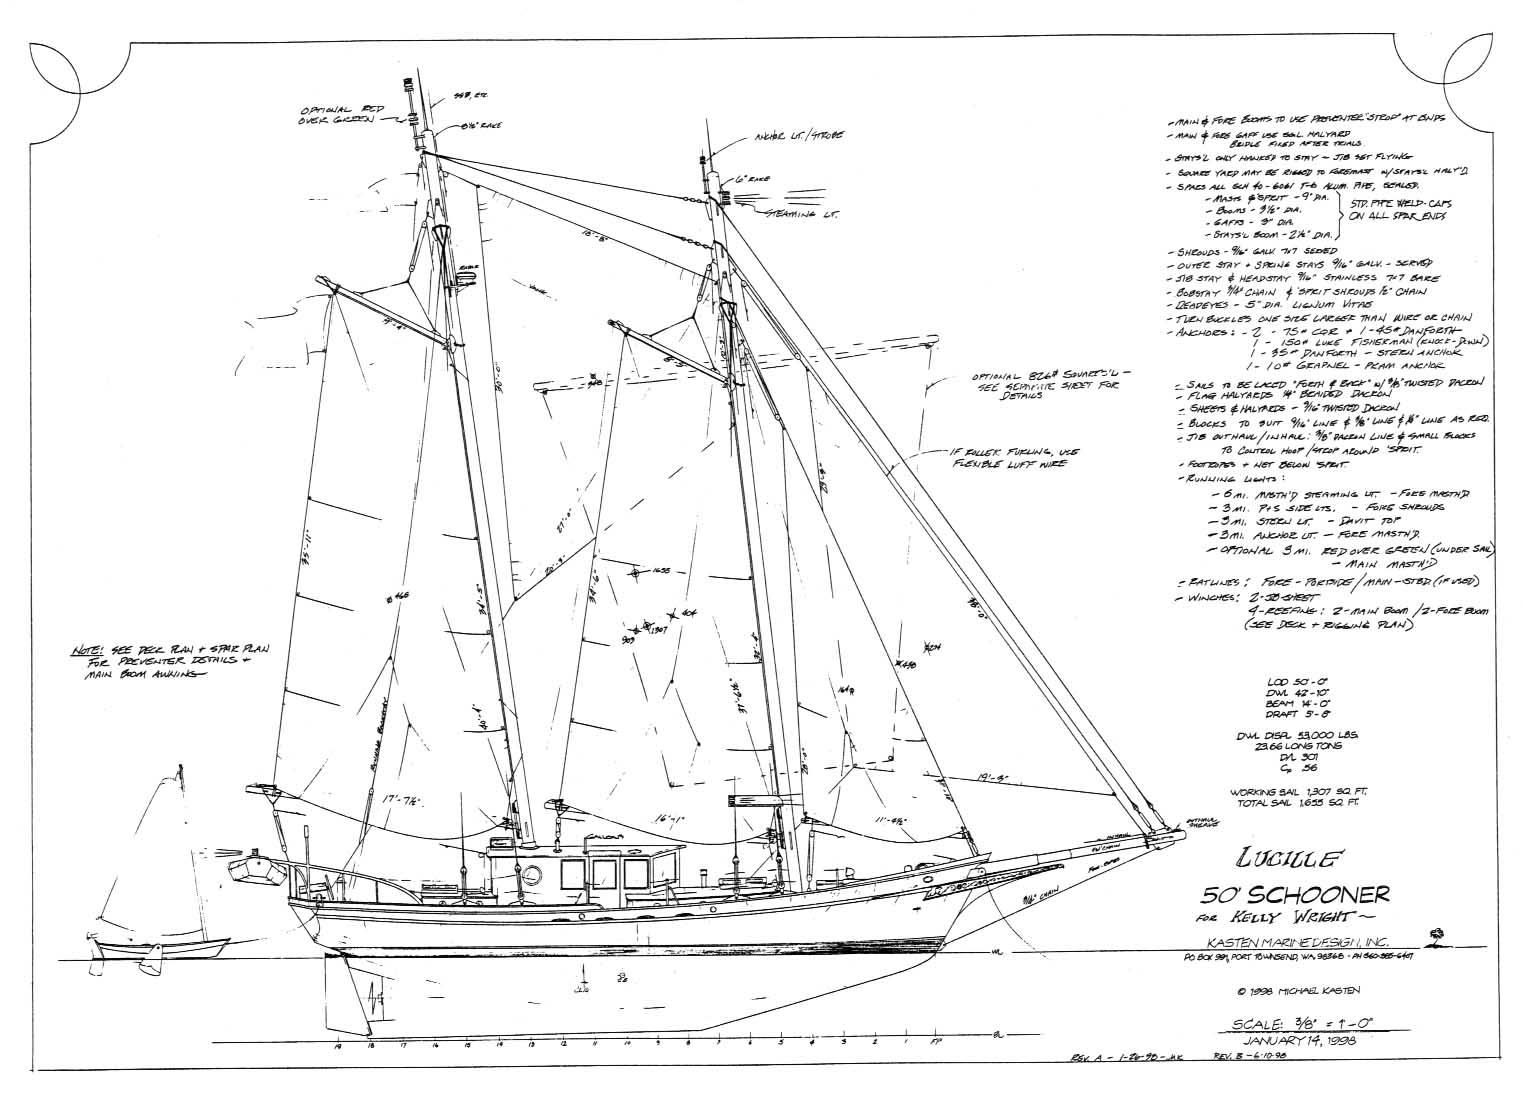 50' Motor Sailer LUCILLE - Kasten Marine Design